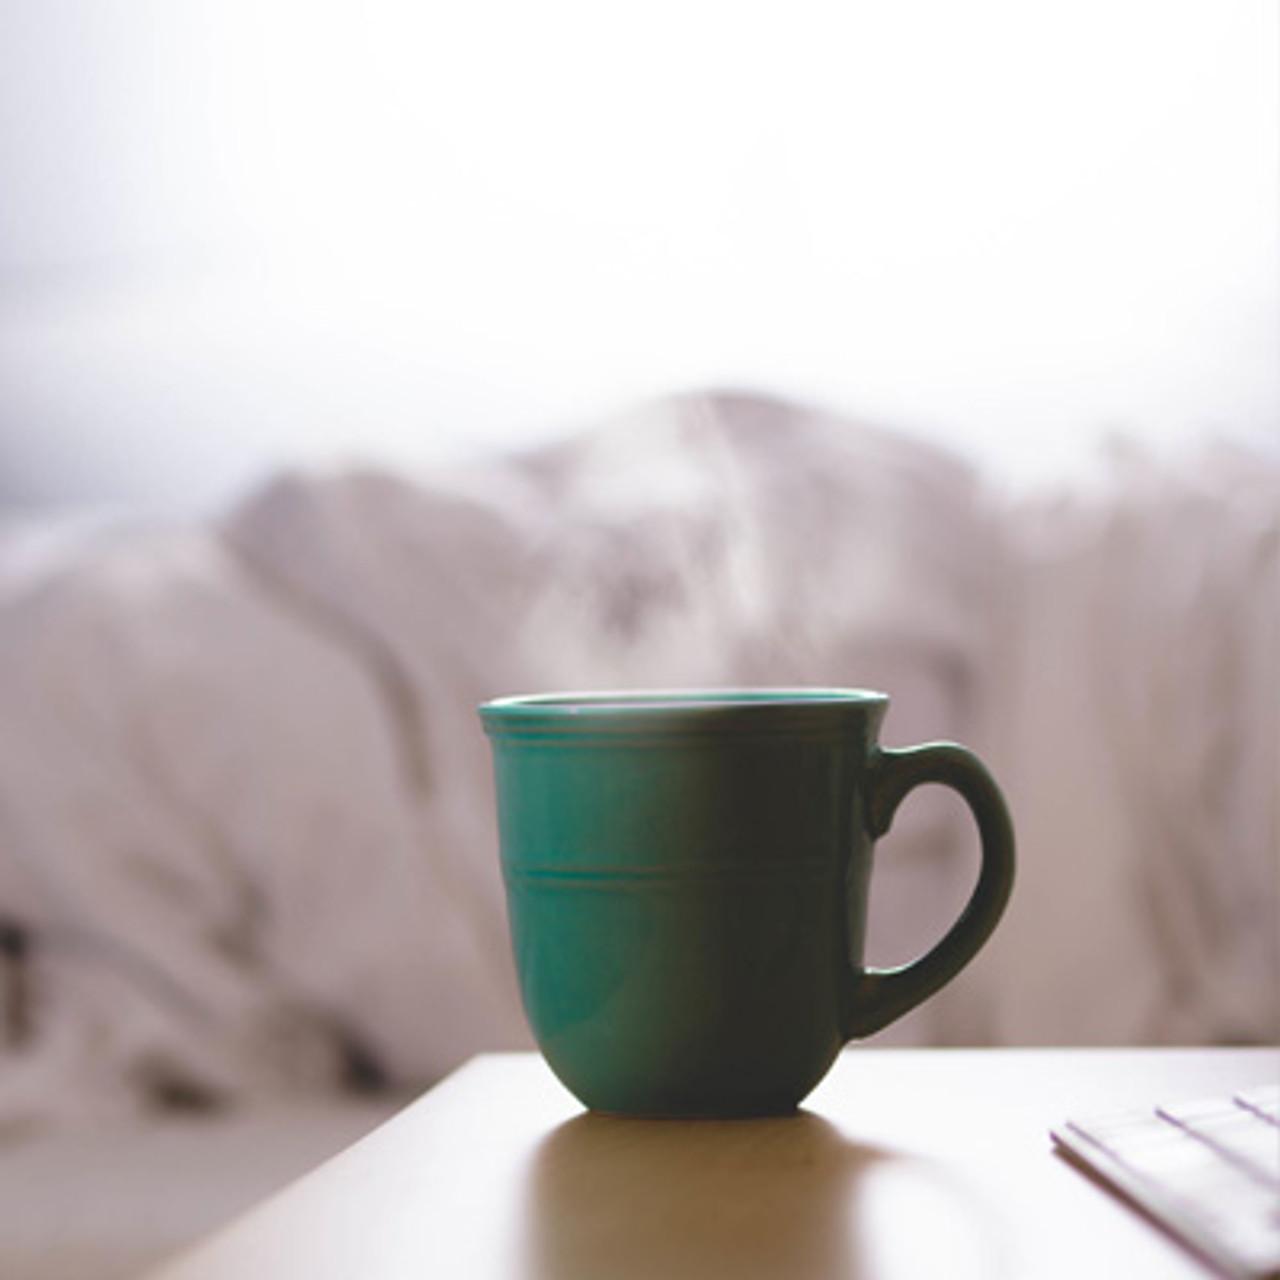 5 Ways to Wake Up Without Caffeine